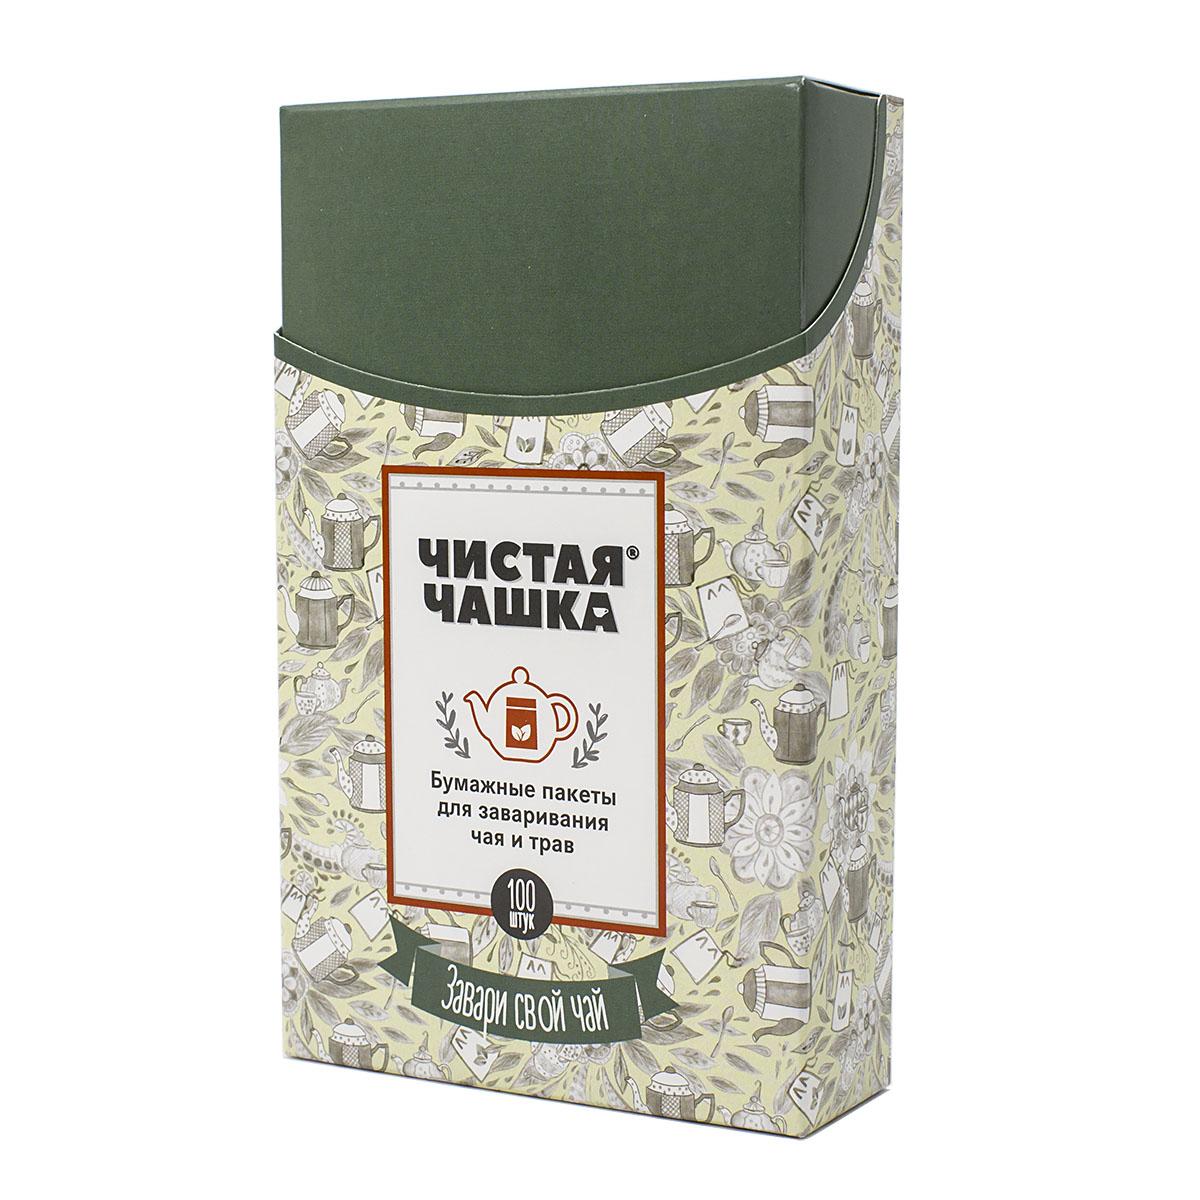 Фильтр-пакеты для заваривания чая и трав бумажные Чистая чашка, 9х15 см, 100 шт кружка для заваривания чая rosenberg 0 3 л голубой